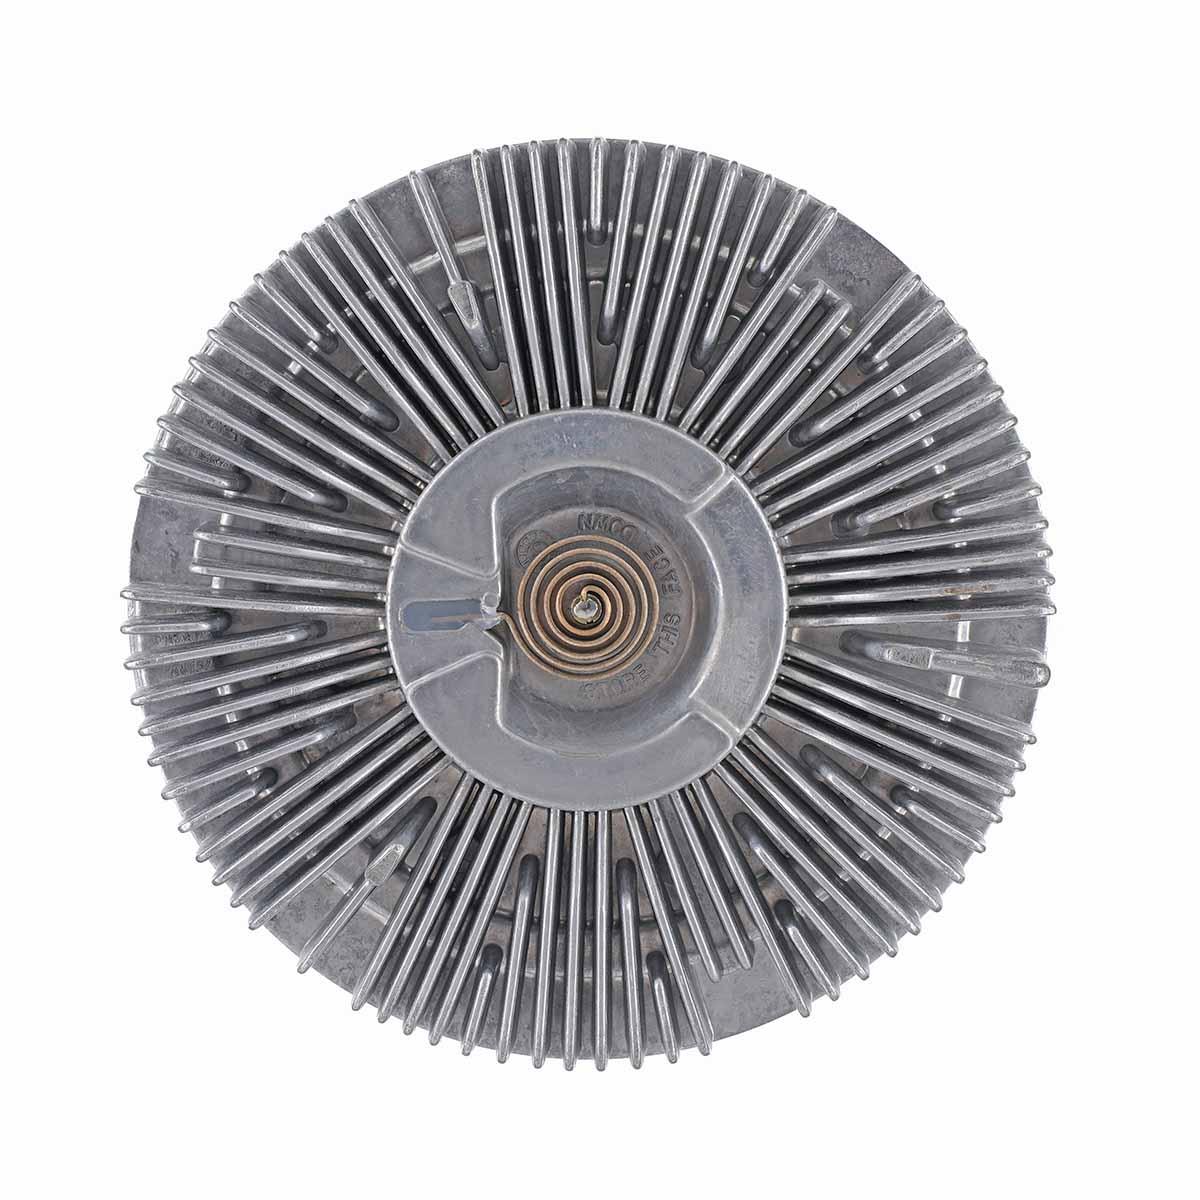 cummins engine fan clutch diagram cooling fan clutch for dodge ram 2500 3500 2000 2001 2002 ... 5 9 cummins engine fuel system diagram